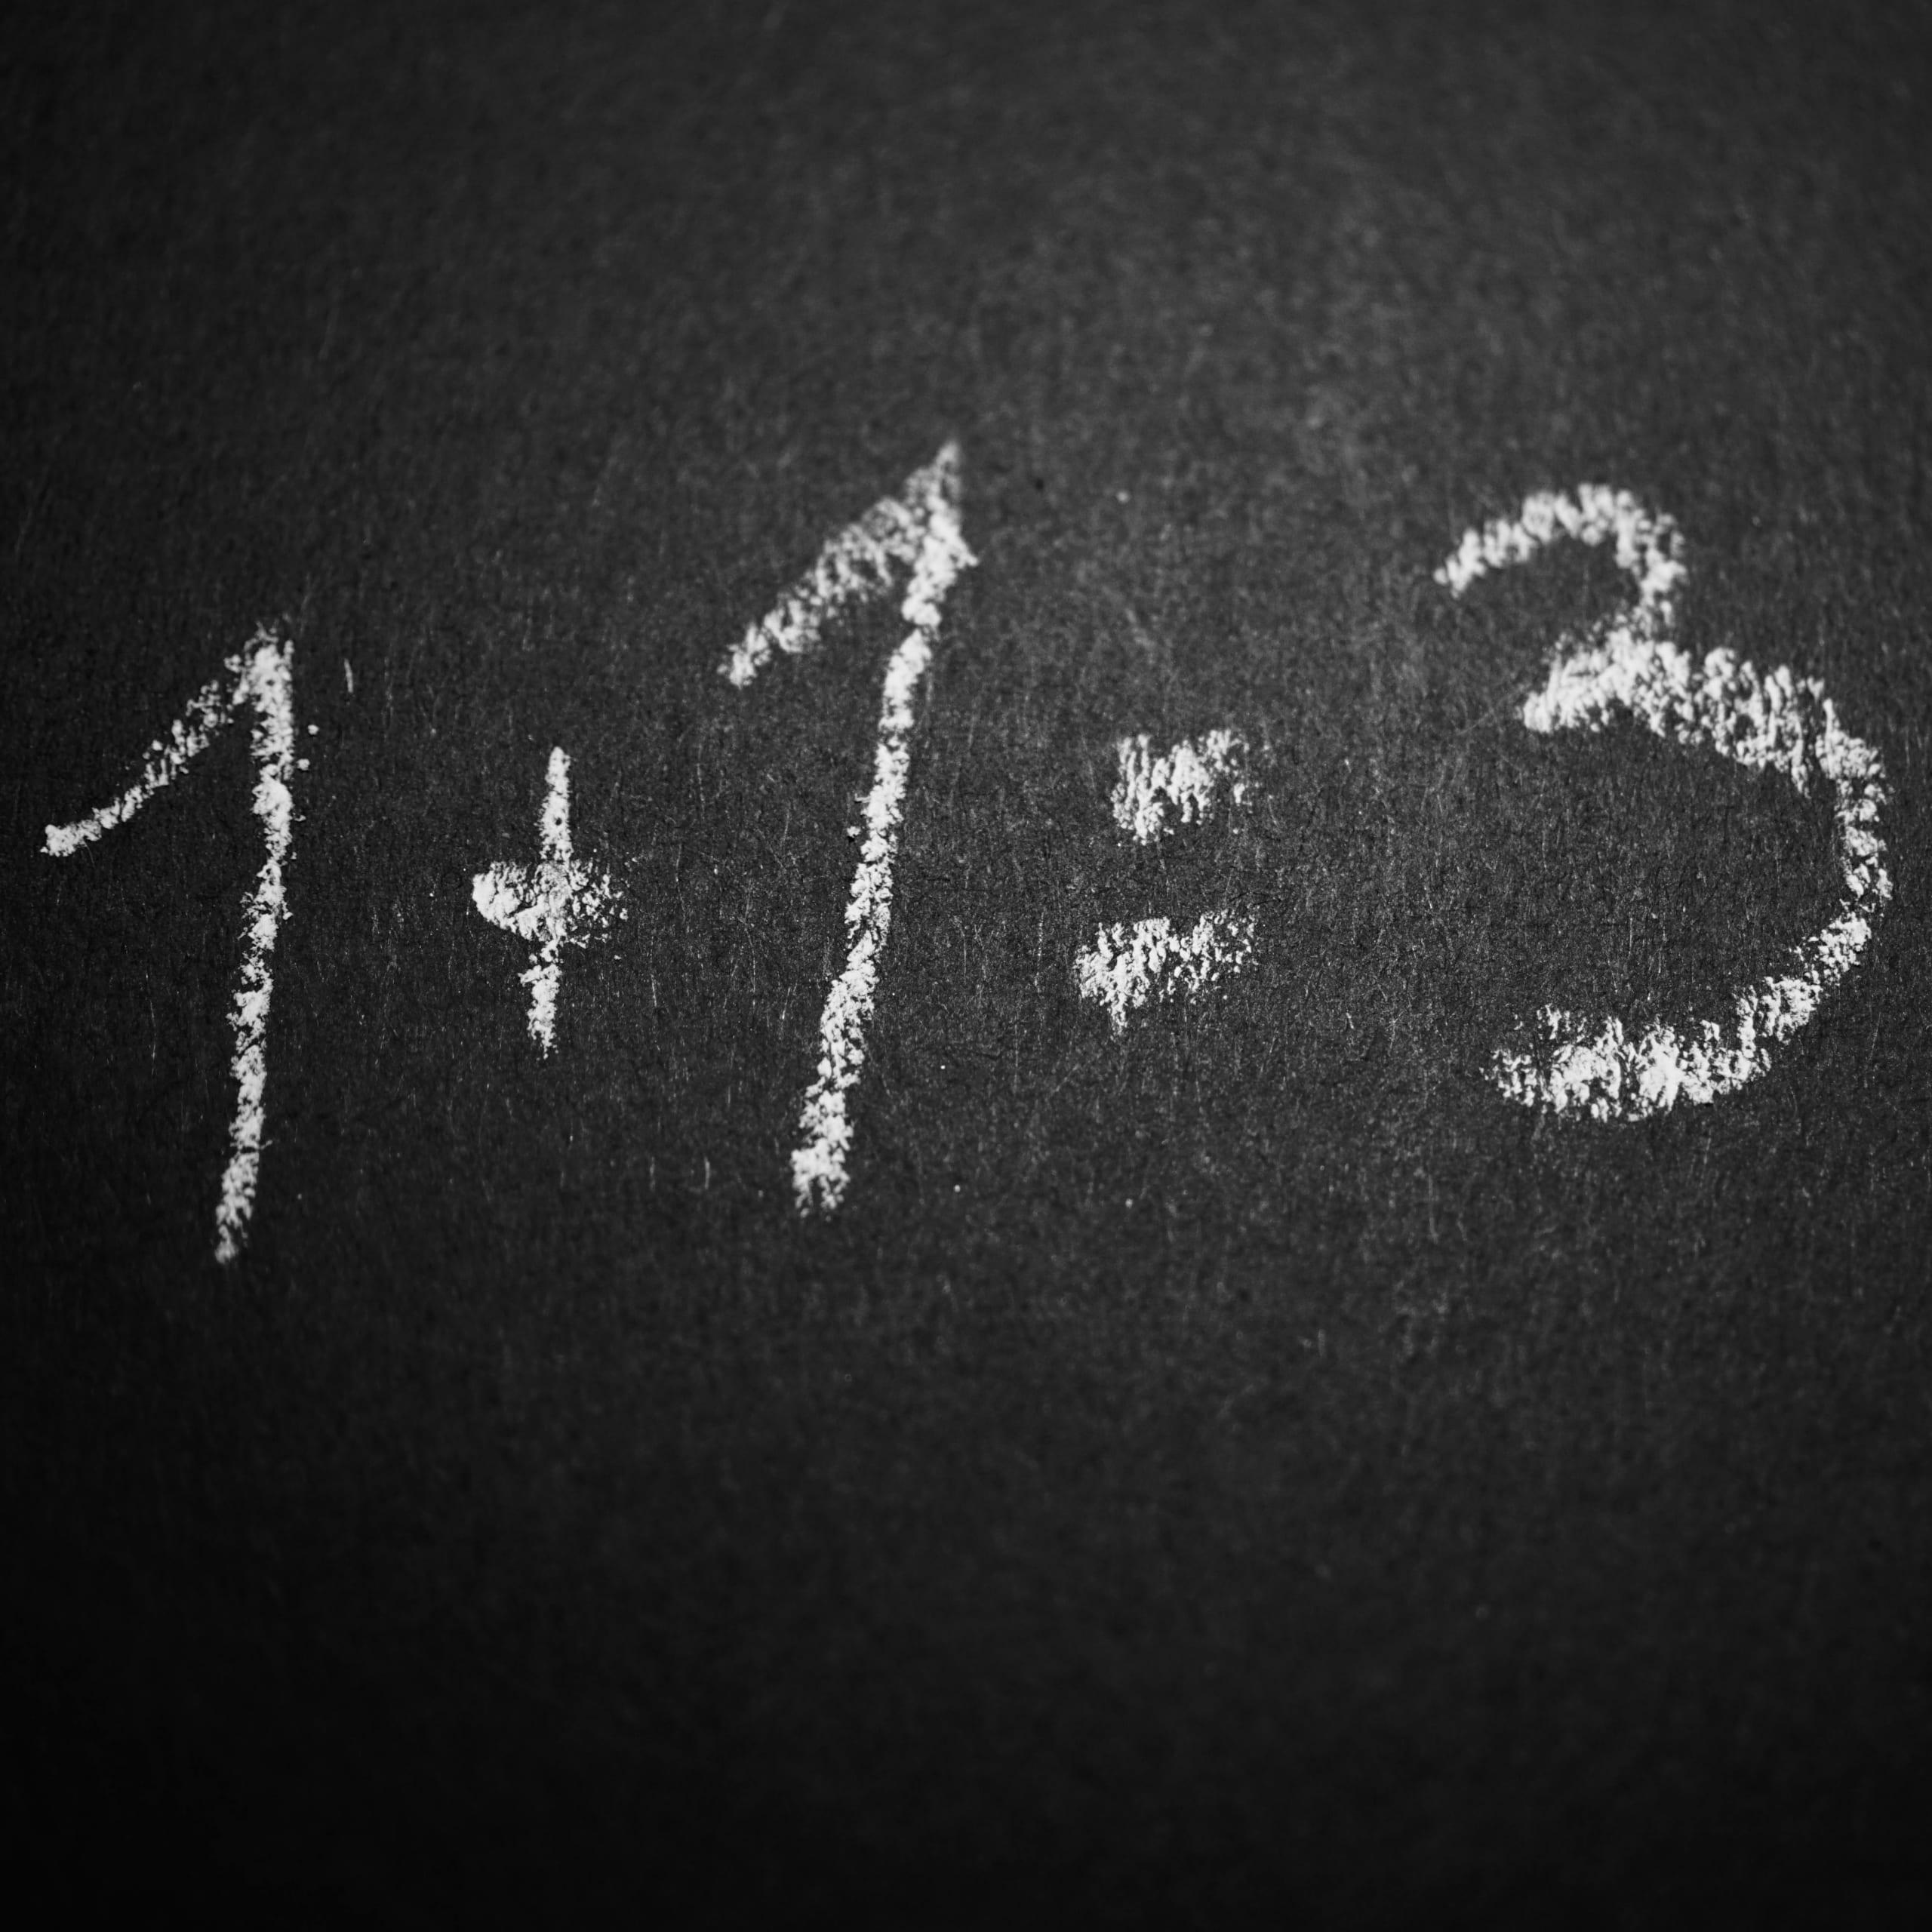 教員にとって『標準授業時数』見直しは、吉か凶か?